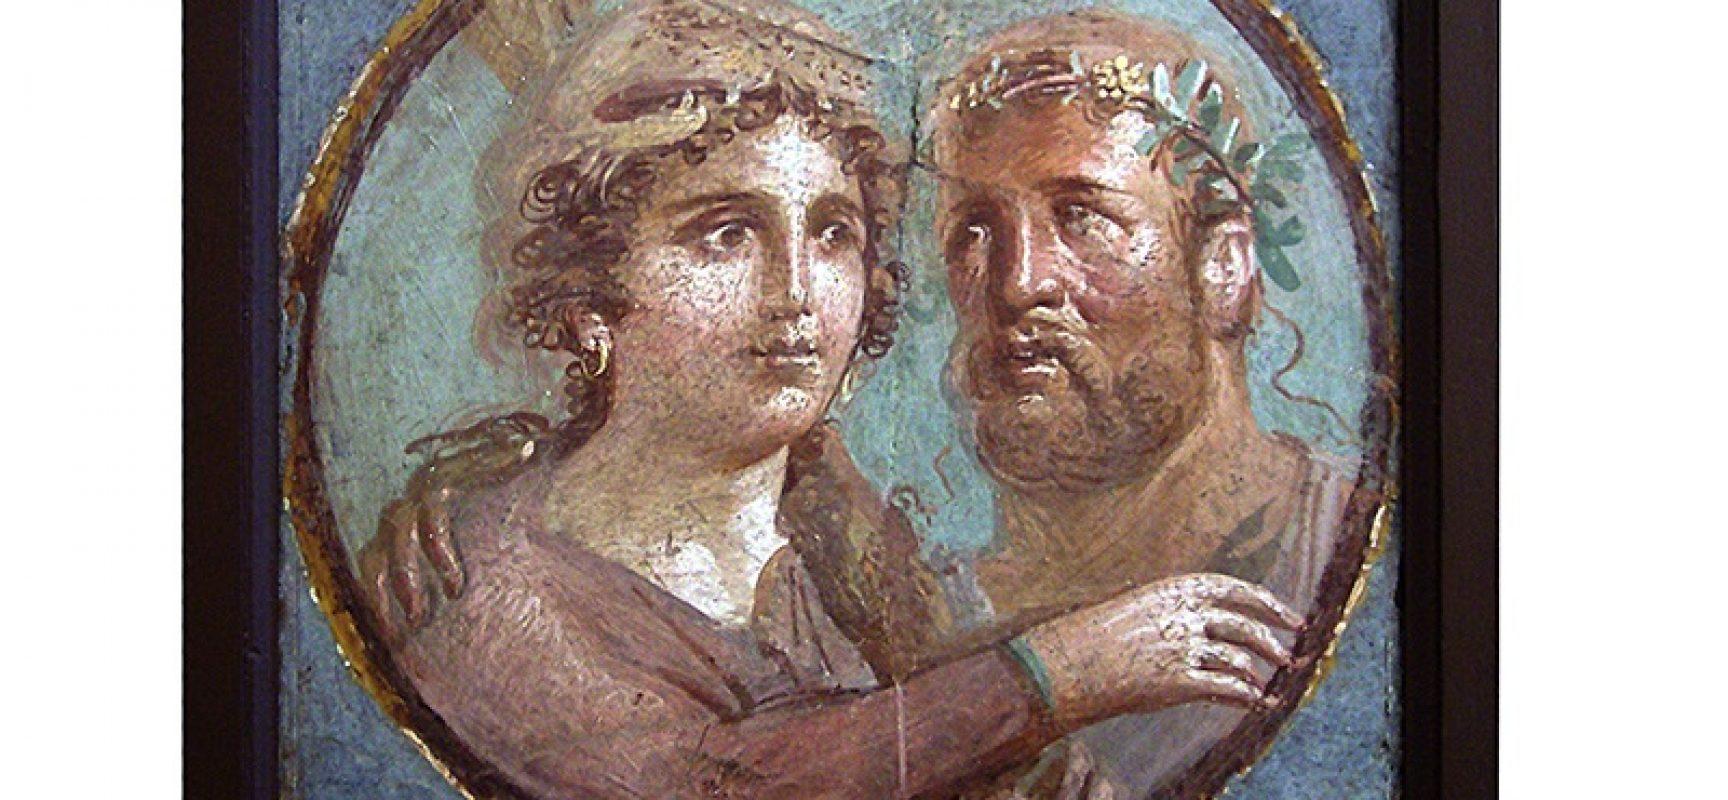 L'epopea della civiltà etrusca in 600 preziosi reperti al Museo Archeologico di Napoli